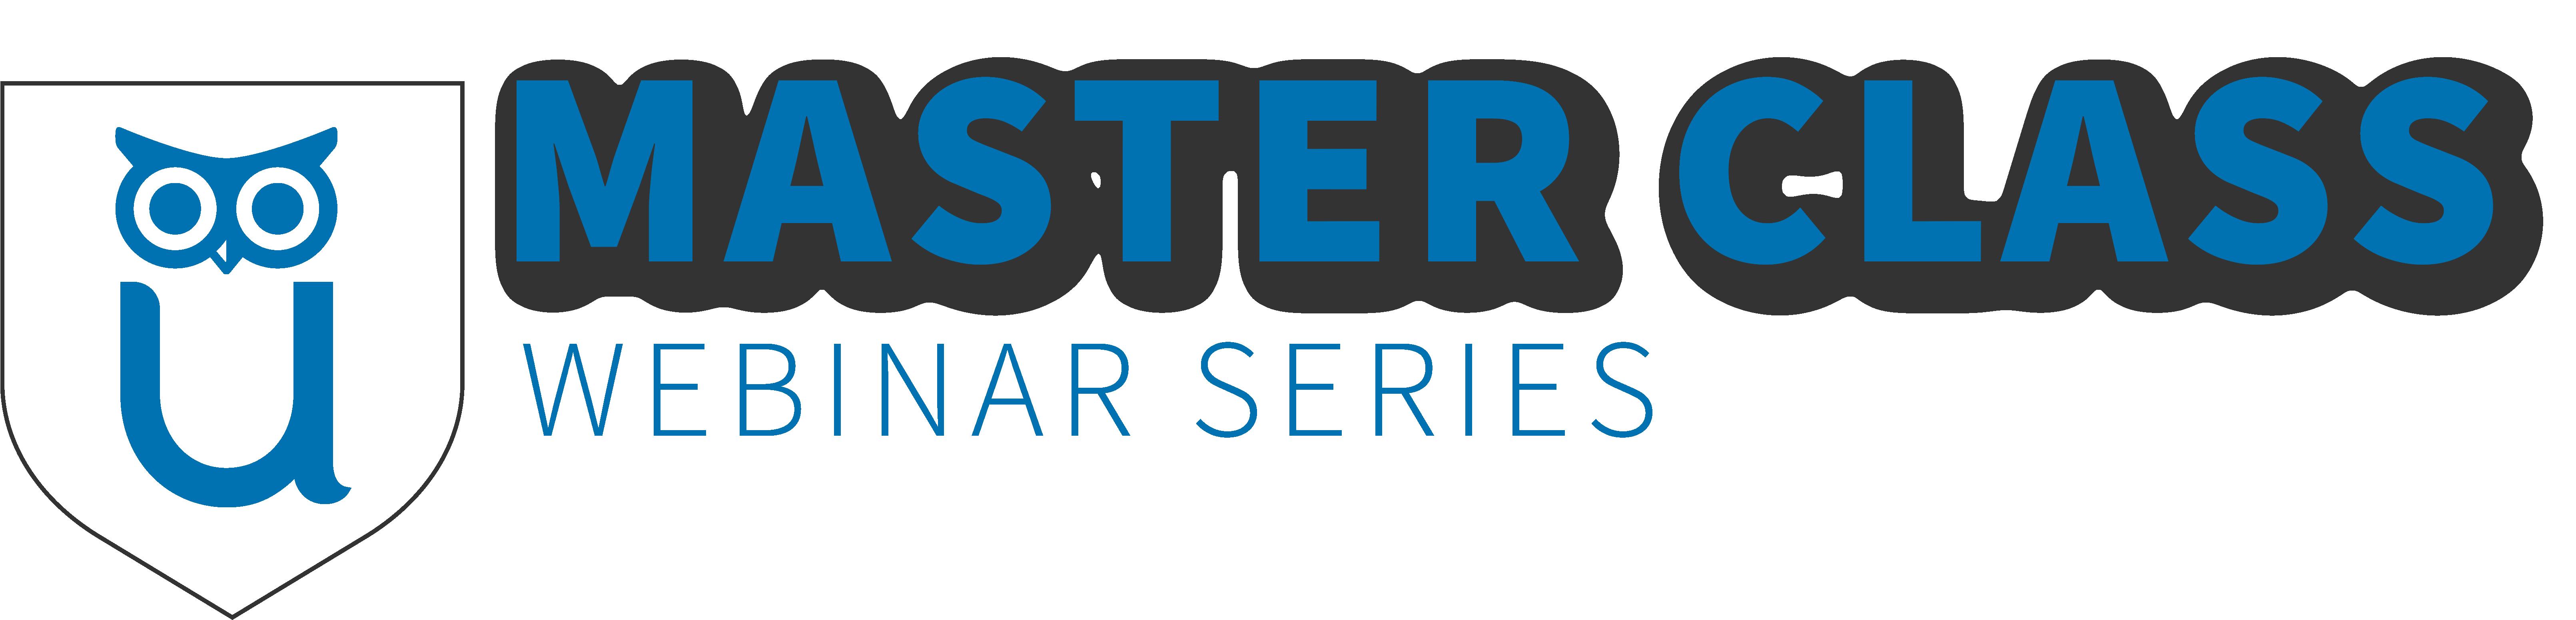 Master Class Webinar Series Logo